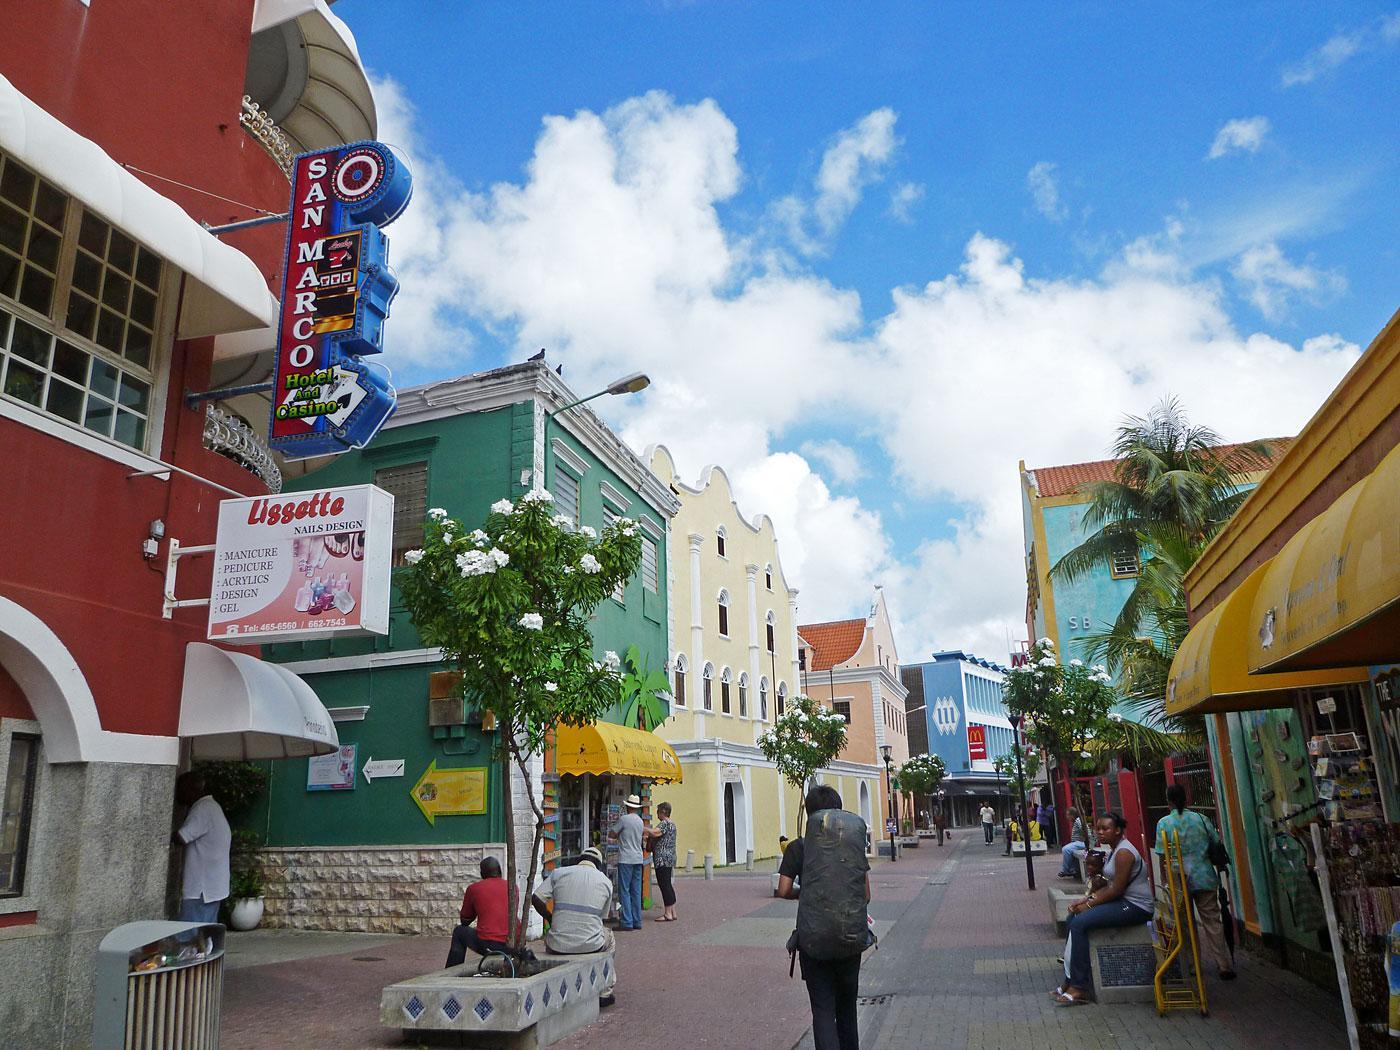 オランダ世界遺産港町ヴィレムスタット歴史地域」- キュラソー島(カリブ海)